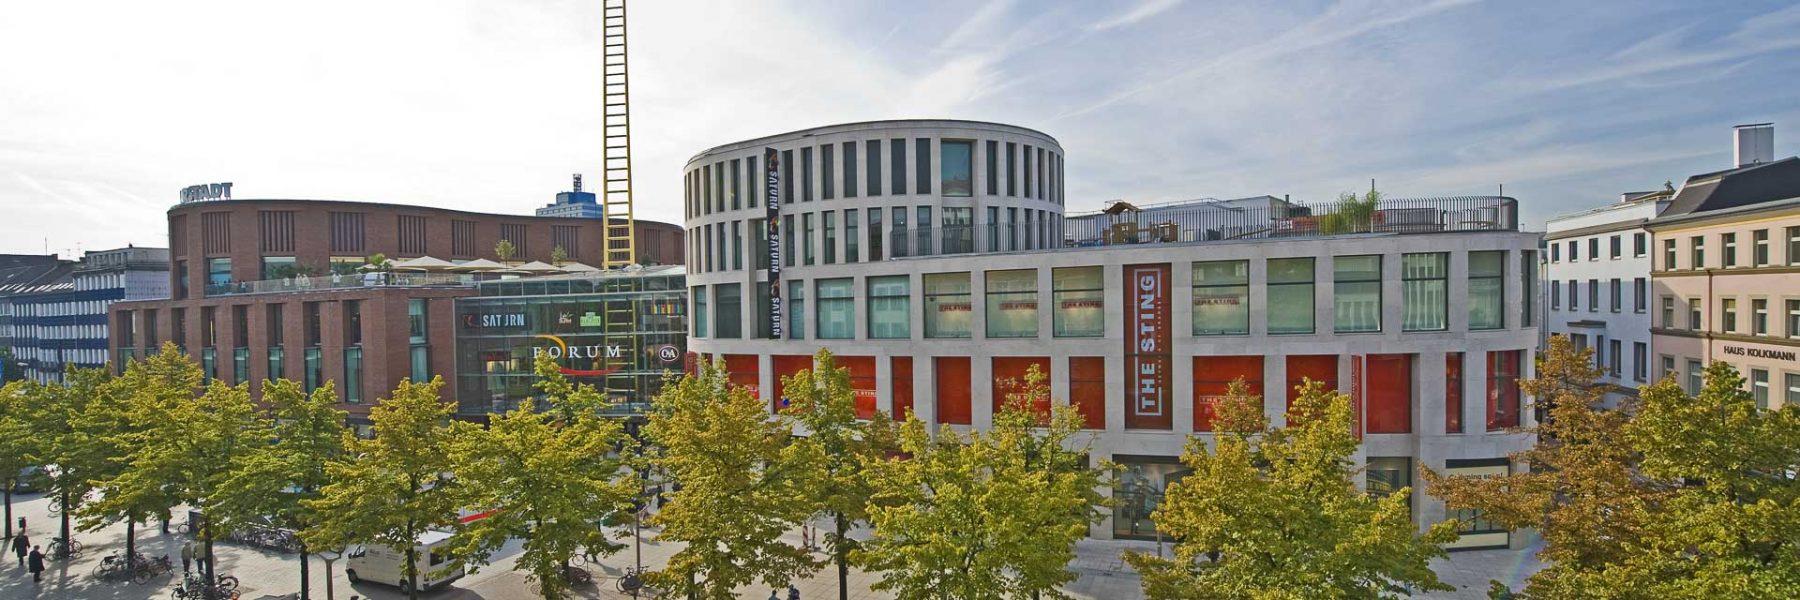 Forum Duisburg - Duisburg - DE 636 REF by Benjamin Struelens_web